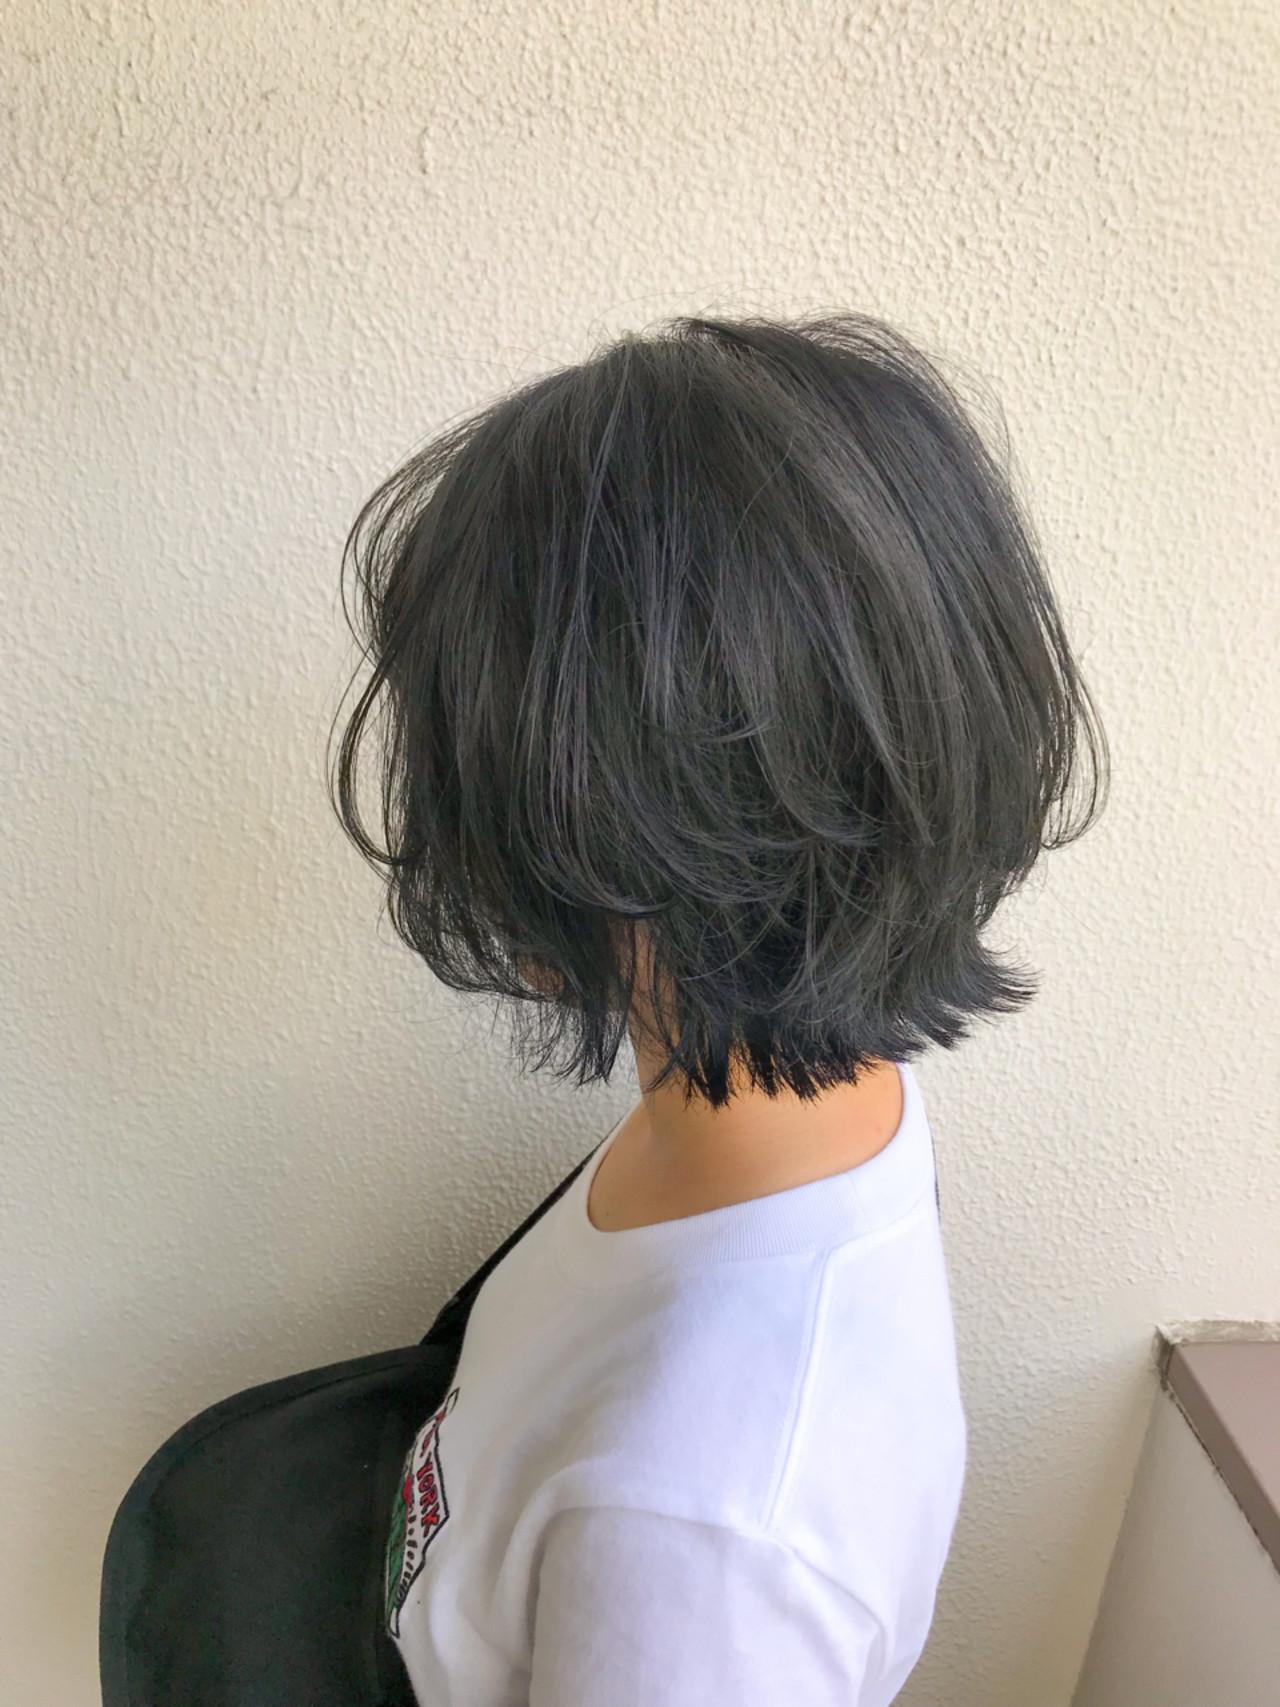 ボブ 切りっぱなし インナーカラー グラデーションカラー ヘアスタイルや髪型の写真・画像 | 奥利 洸元 / UNITED